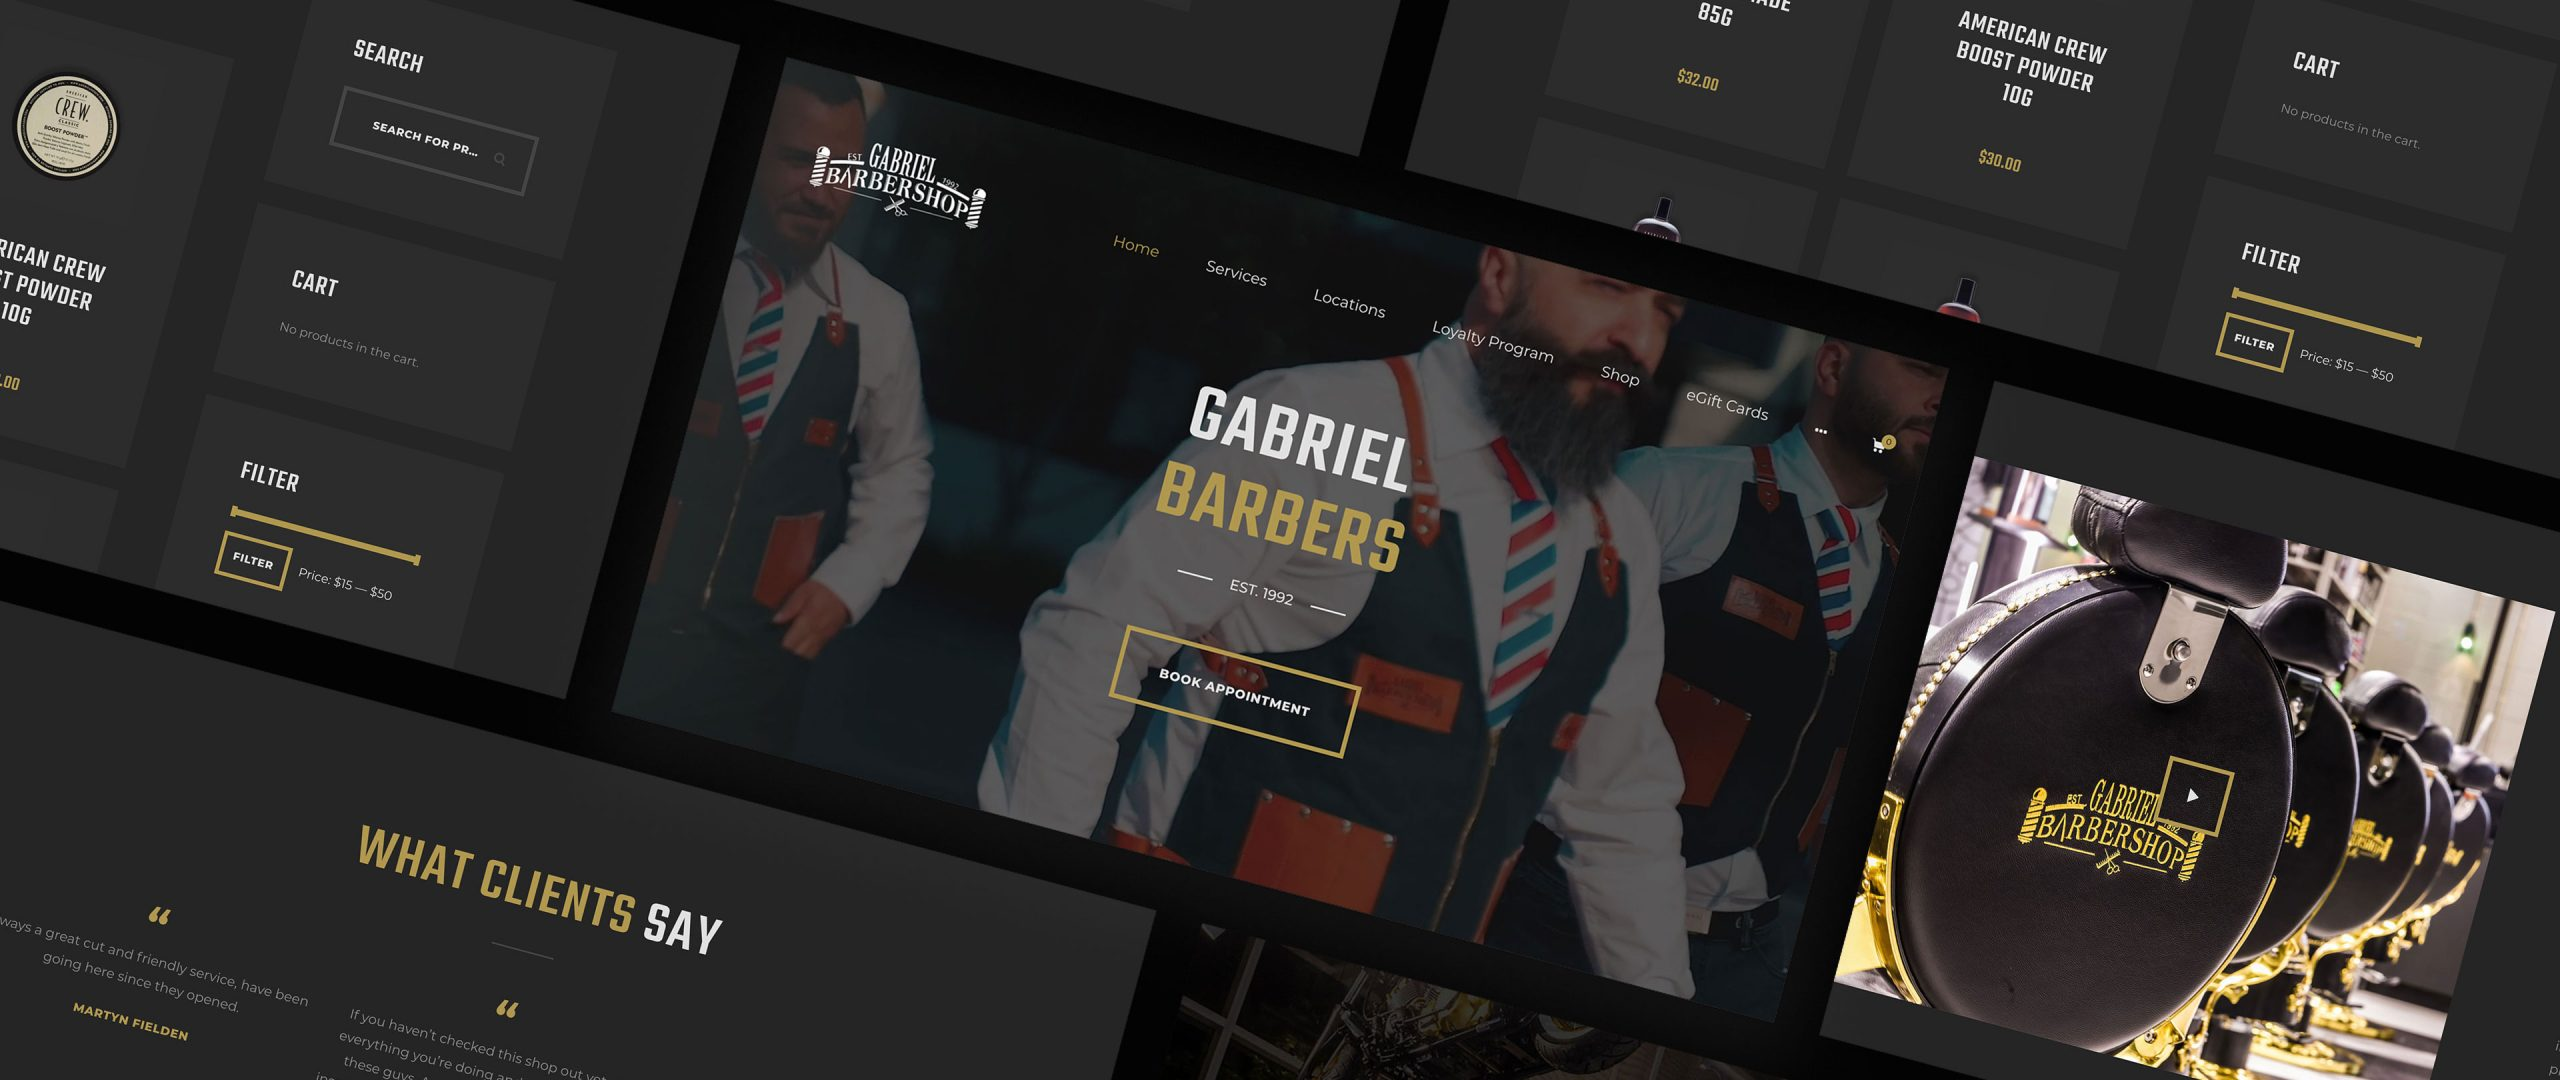 Gabriel Barbershop